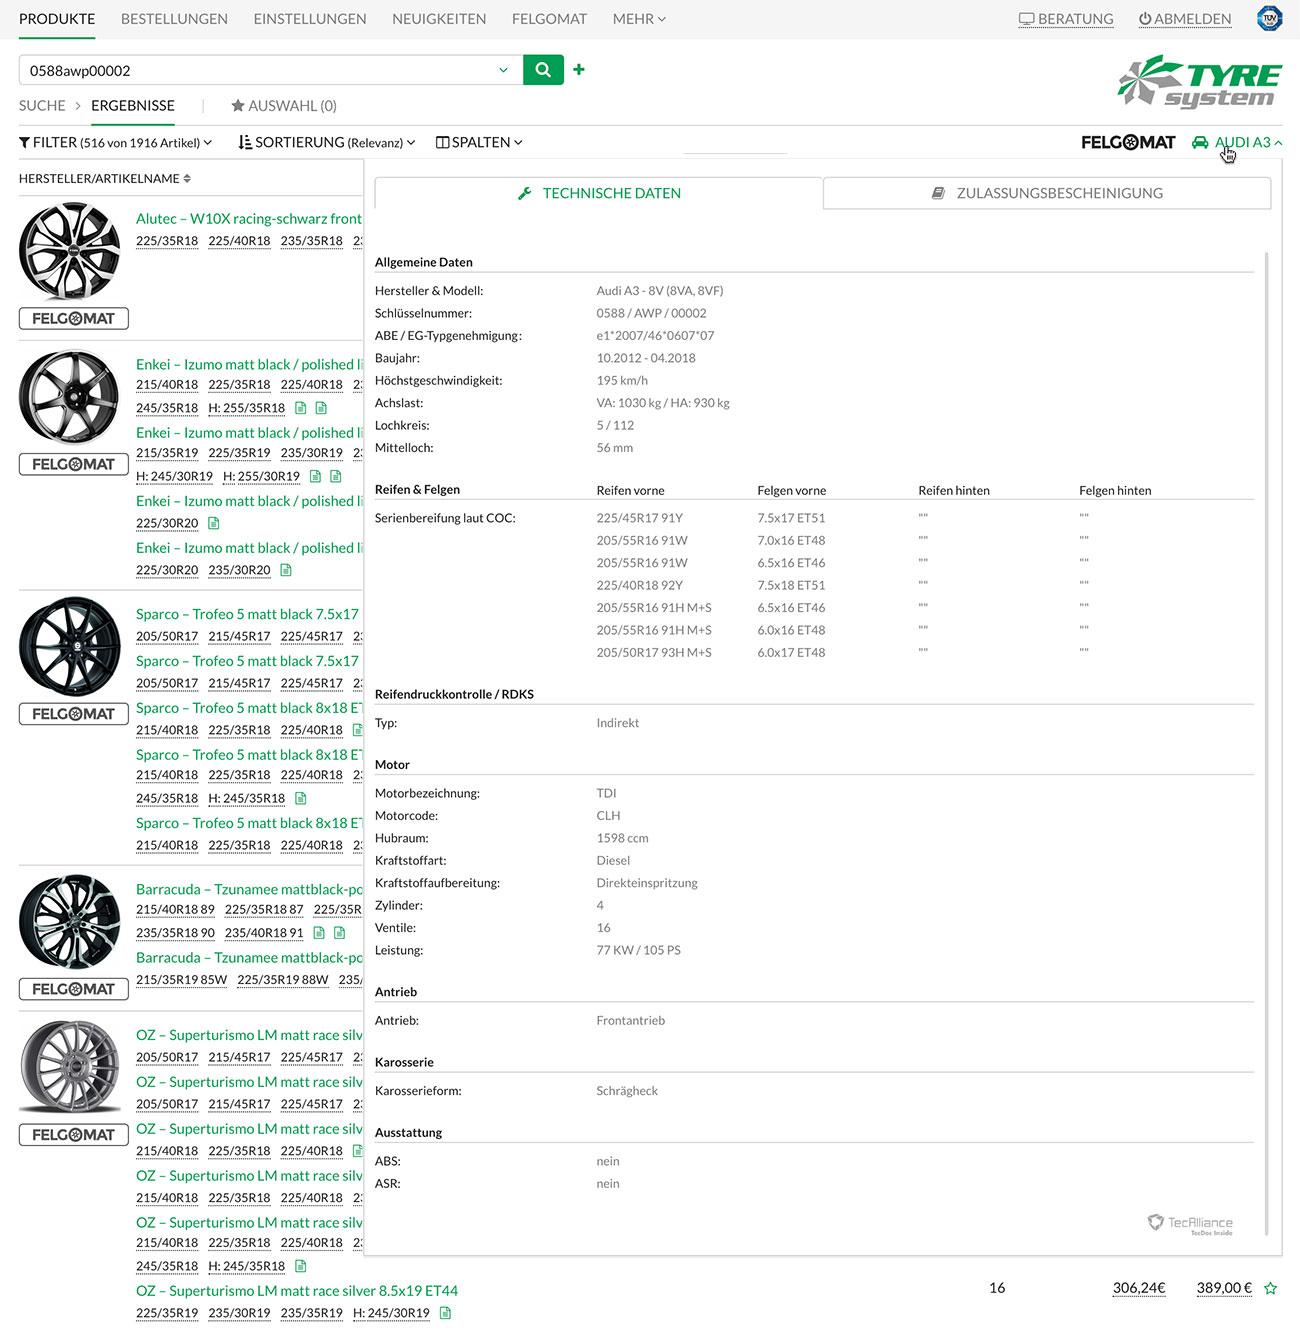 Screenshot der ausführlichen Fahrzeugdaten und COC-Daten in TyreSystem